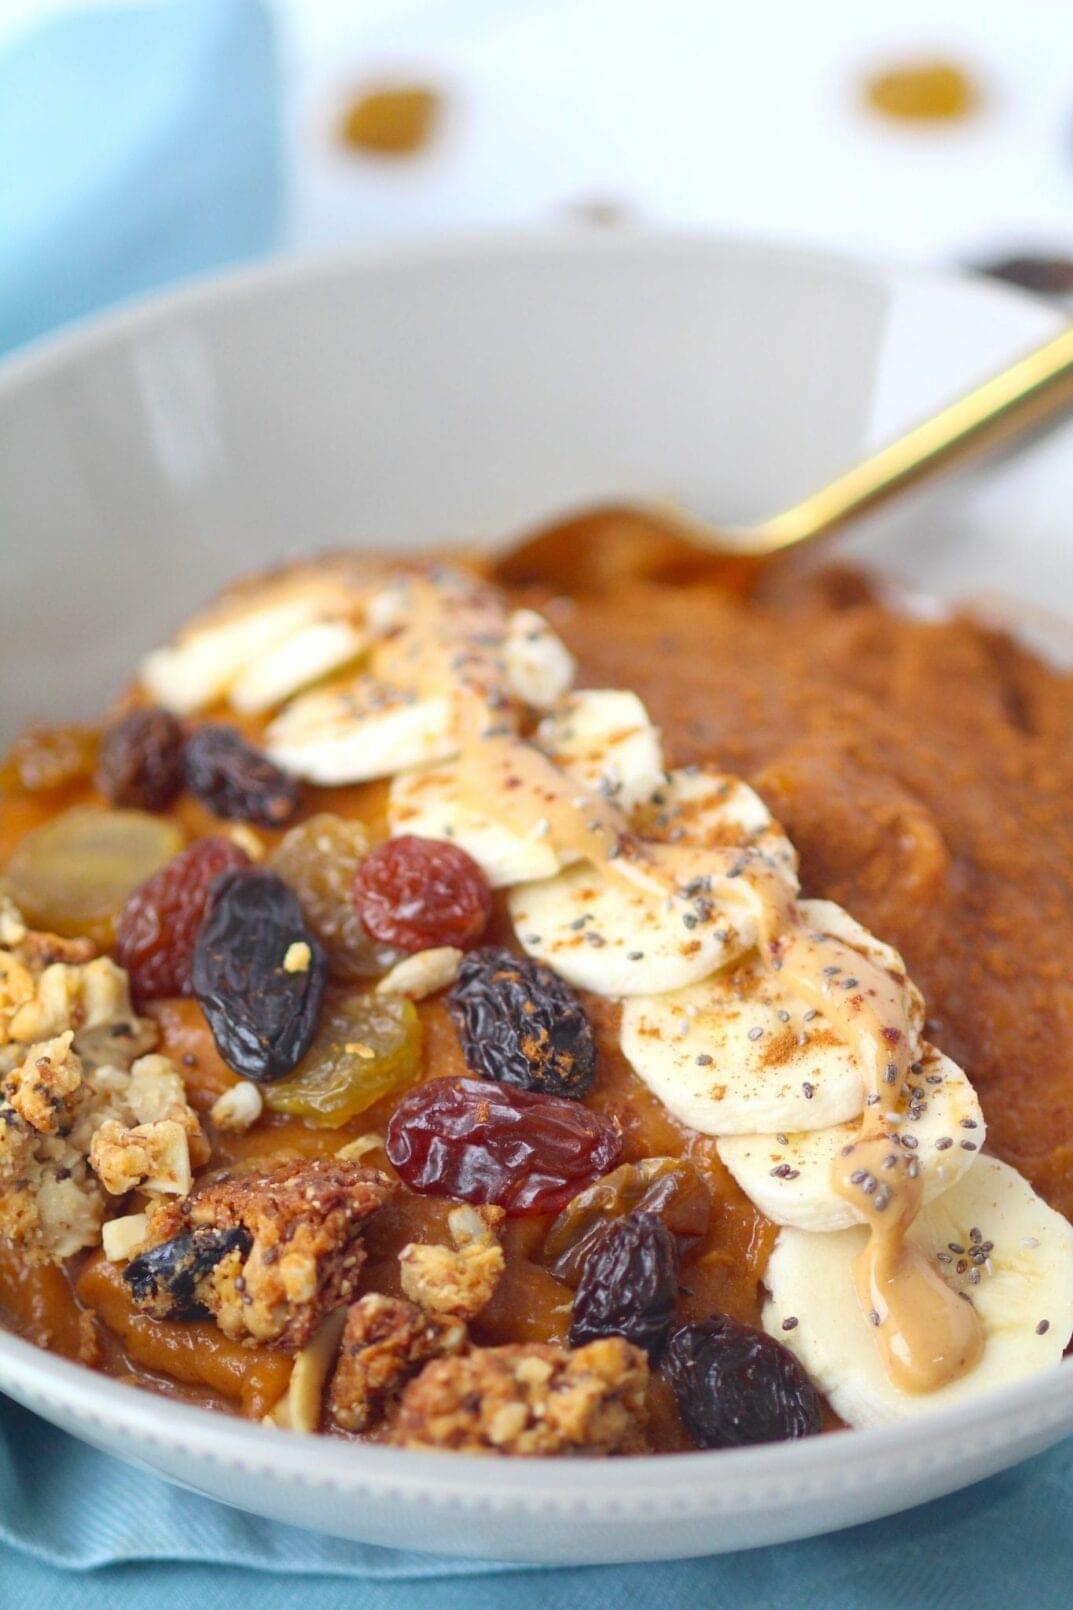 Simple Sweet Potato Breakfast Bowl